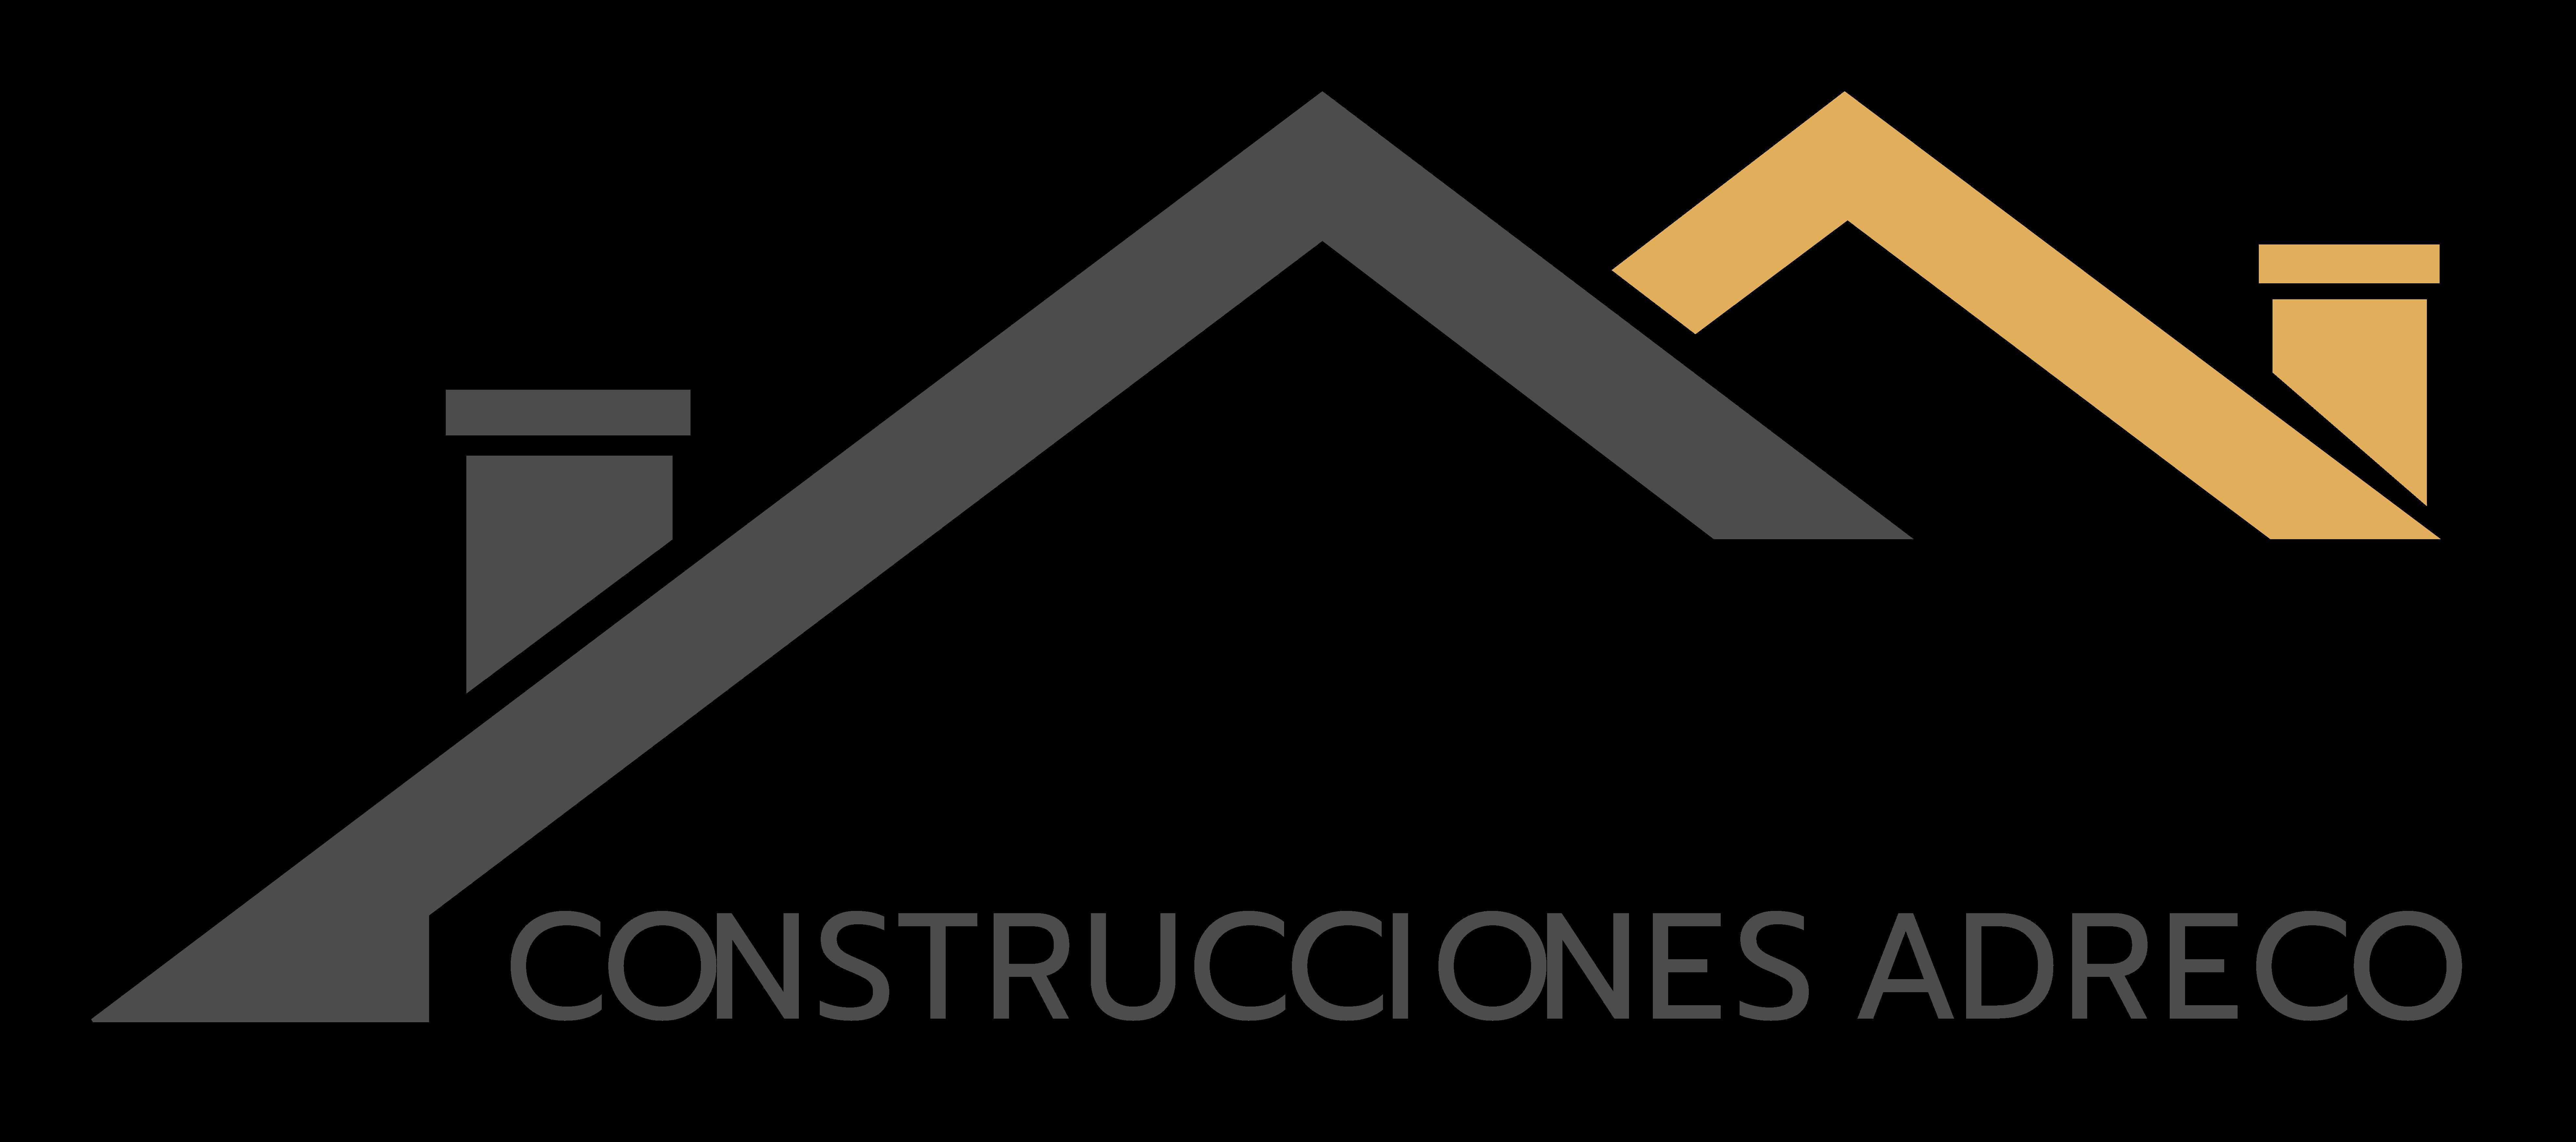 CONSTRUCCIONES ADRECO